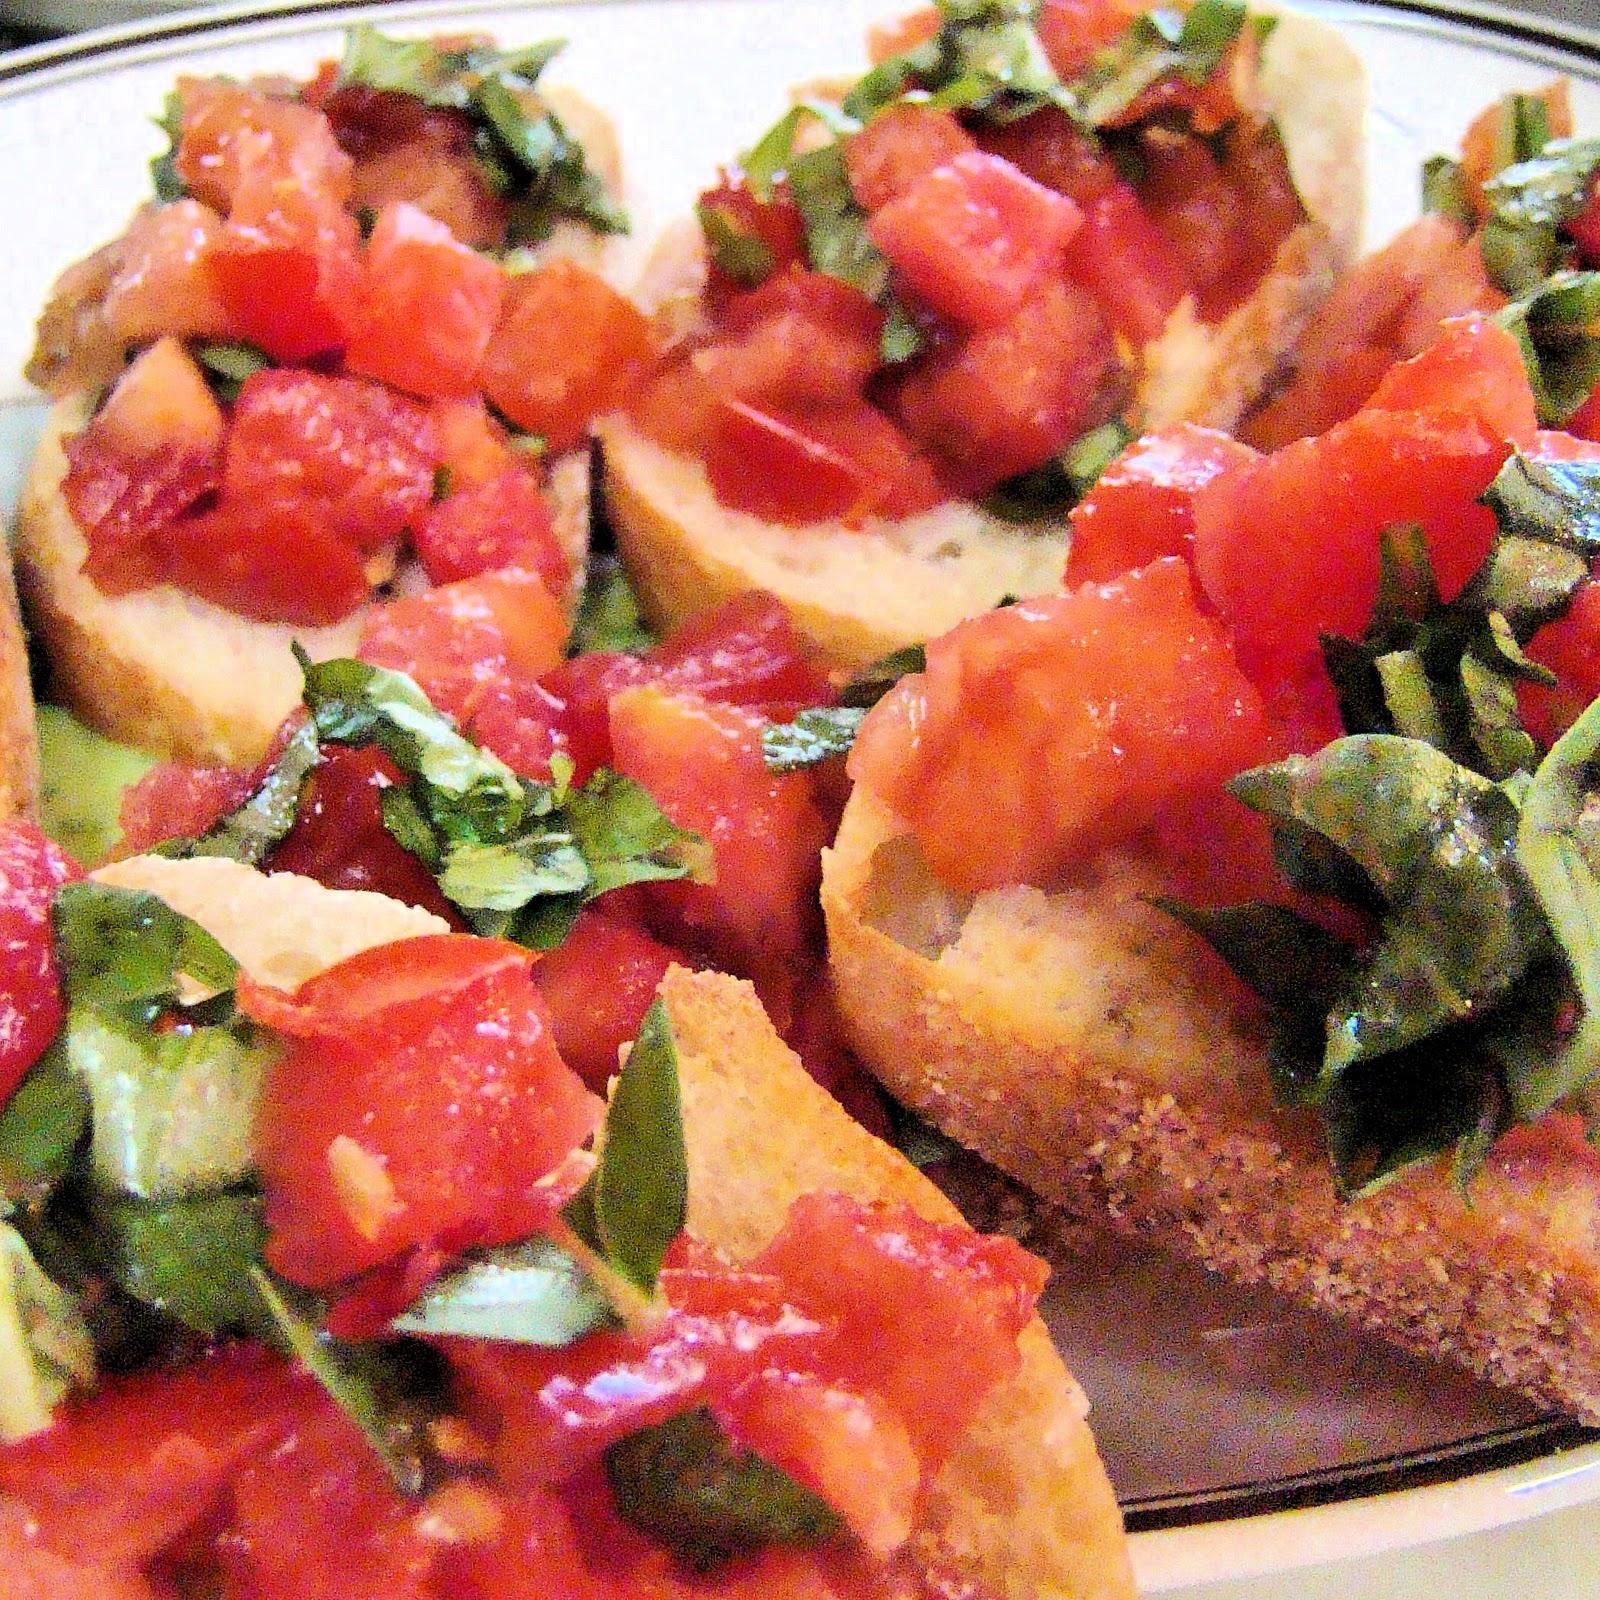 Savoir faire crujientes bruschettas con tomate y albahaca - Cuando plantar tomates ...